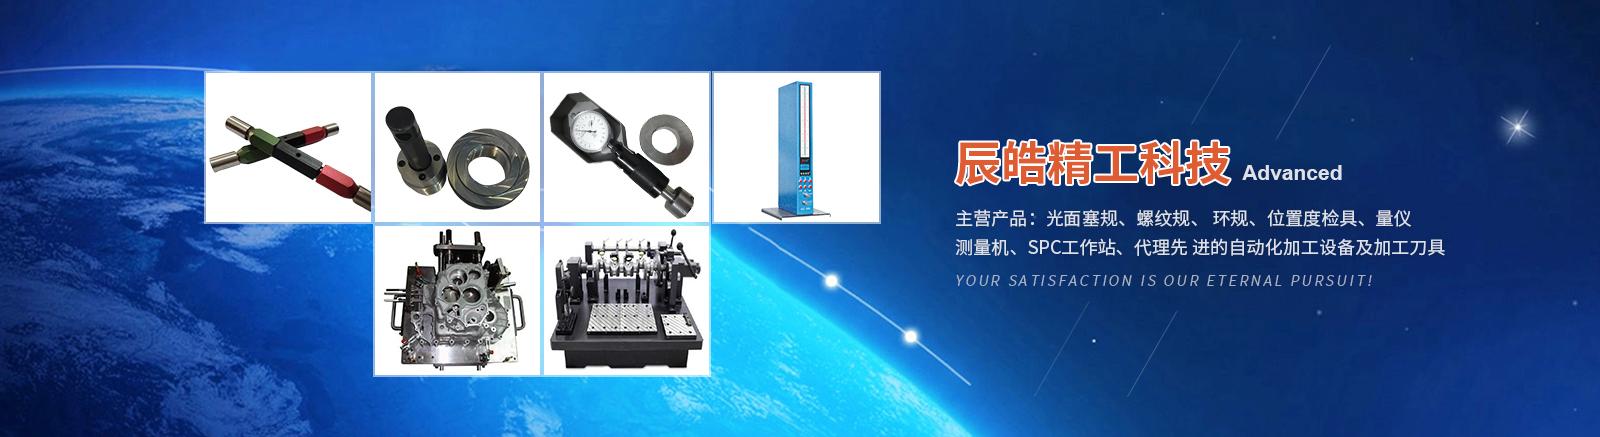 无锡辰皓精工科技有限公司